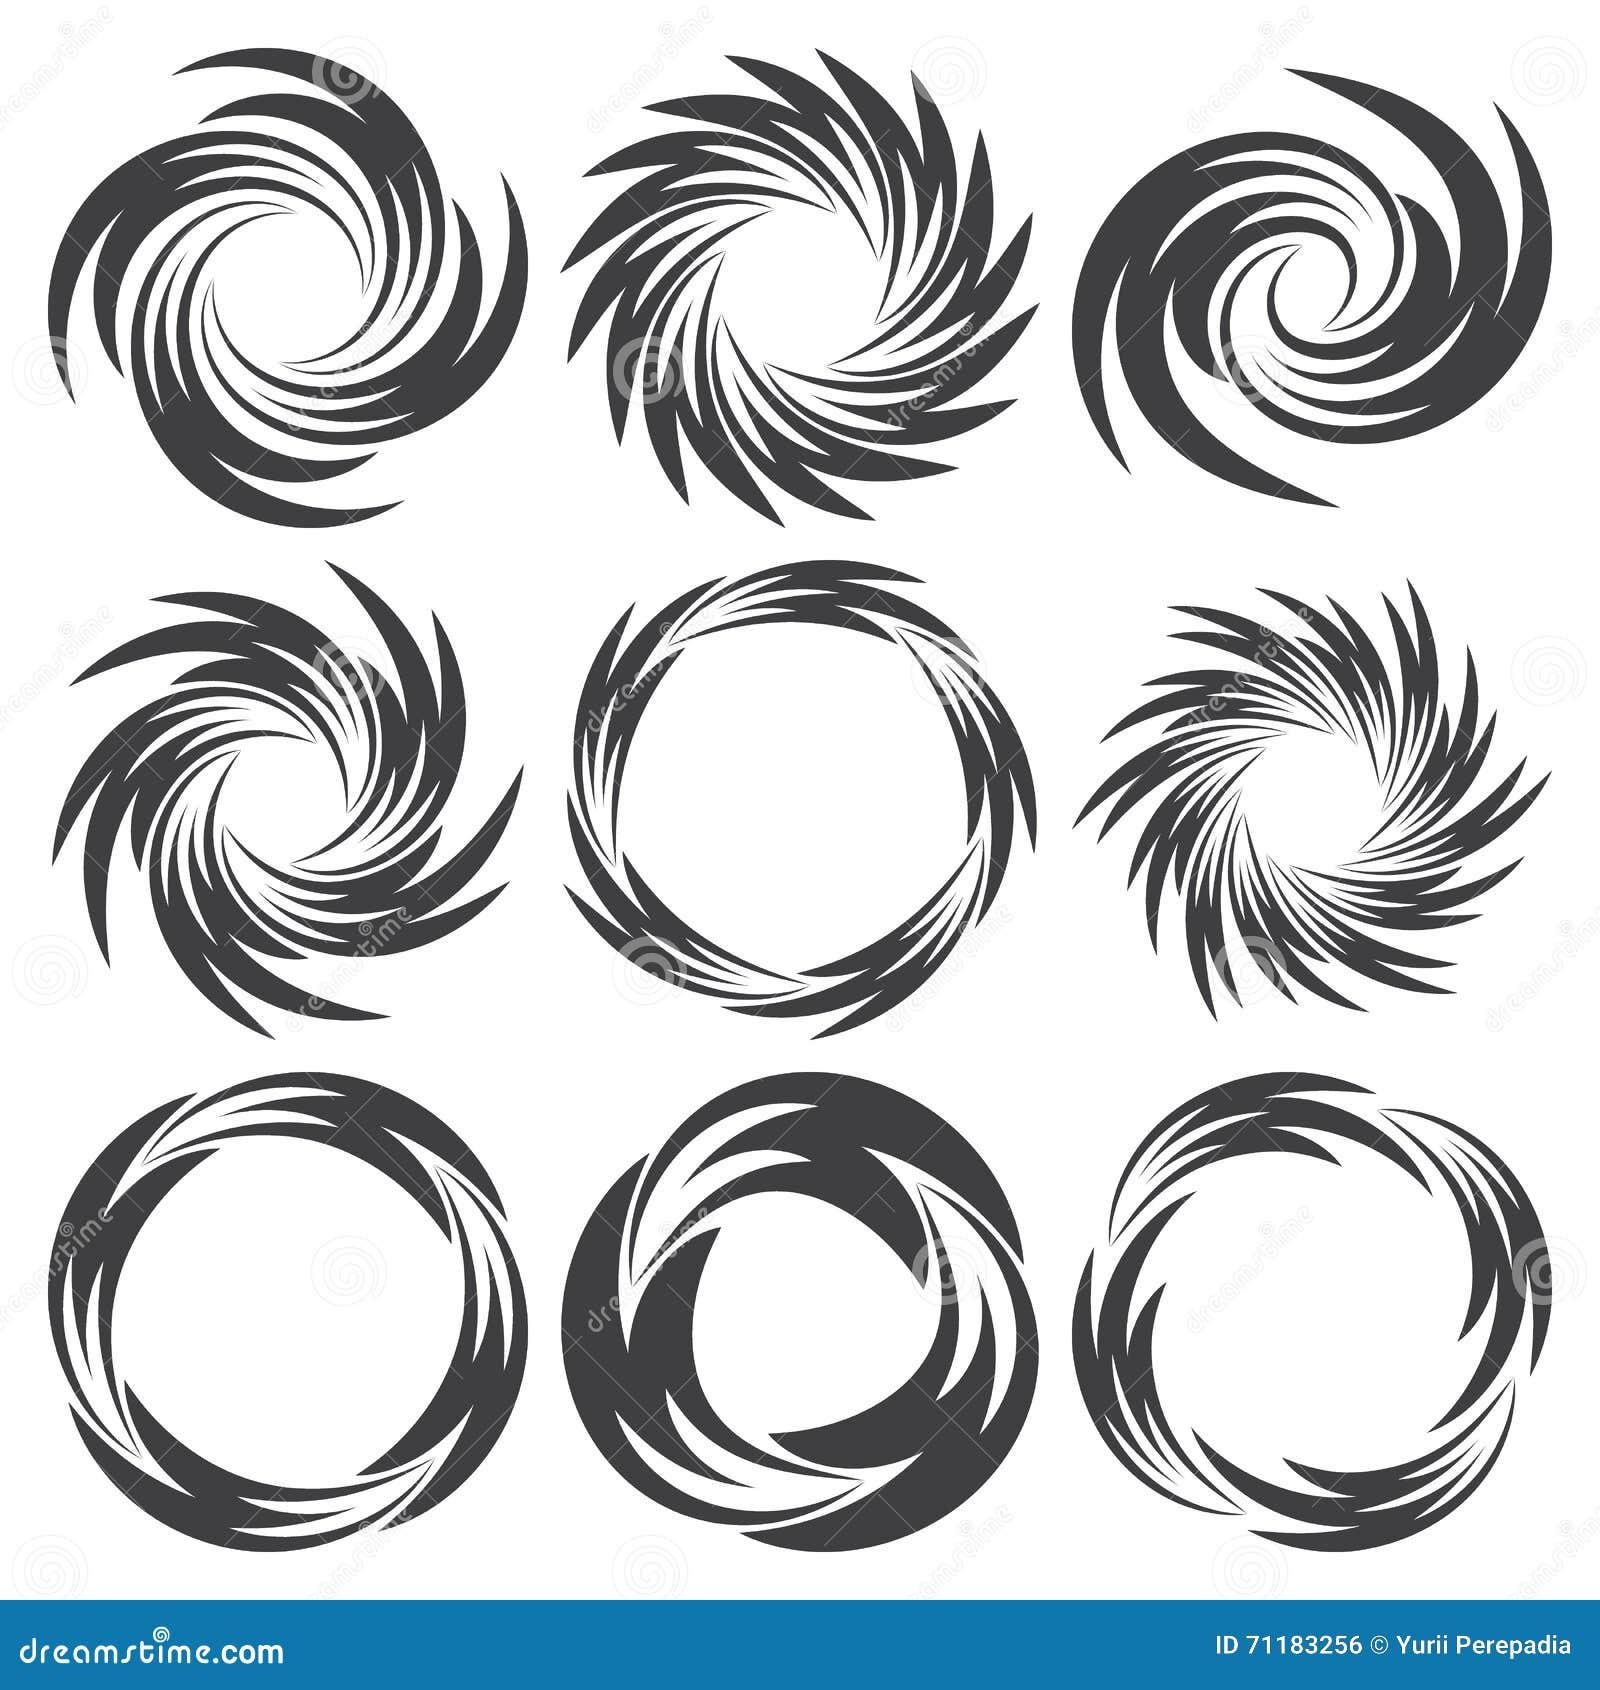 form of round particles border collie design vector illustration 78991606. Black Bedroom Furniture Sets. Home Design Ideas